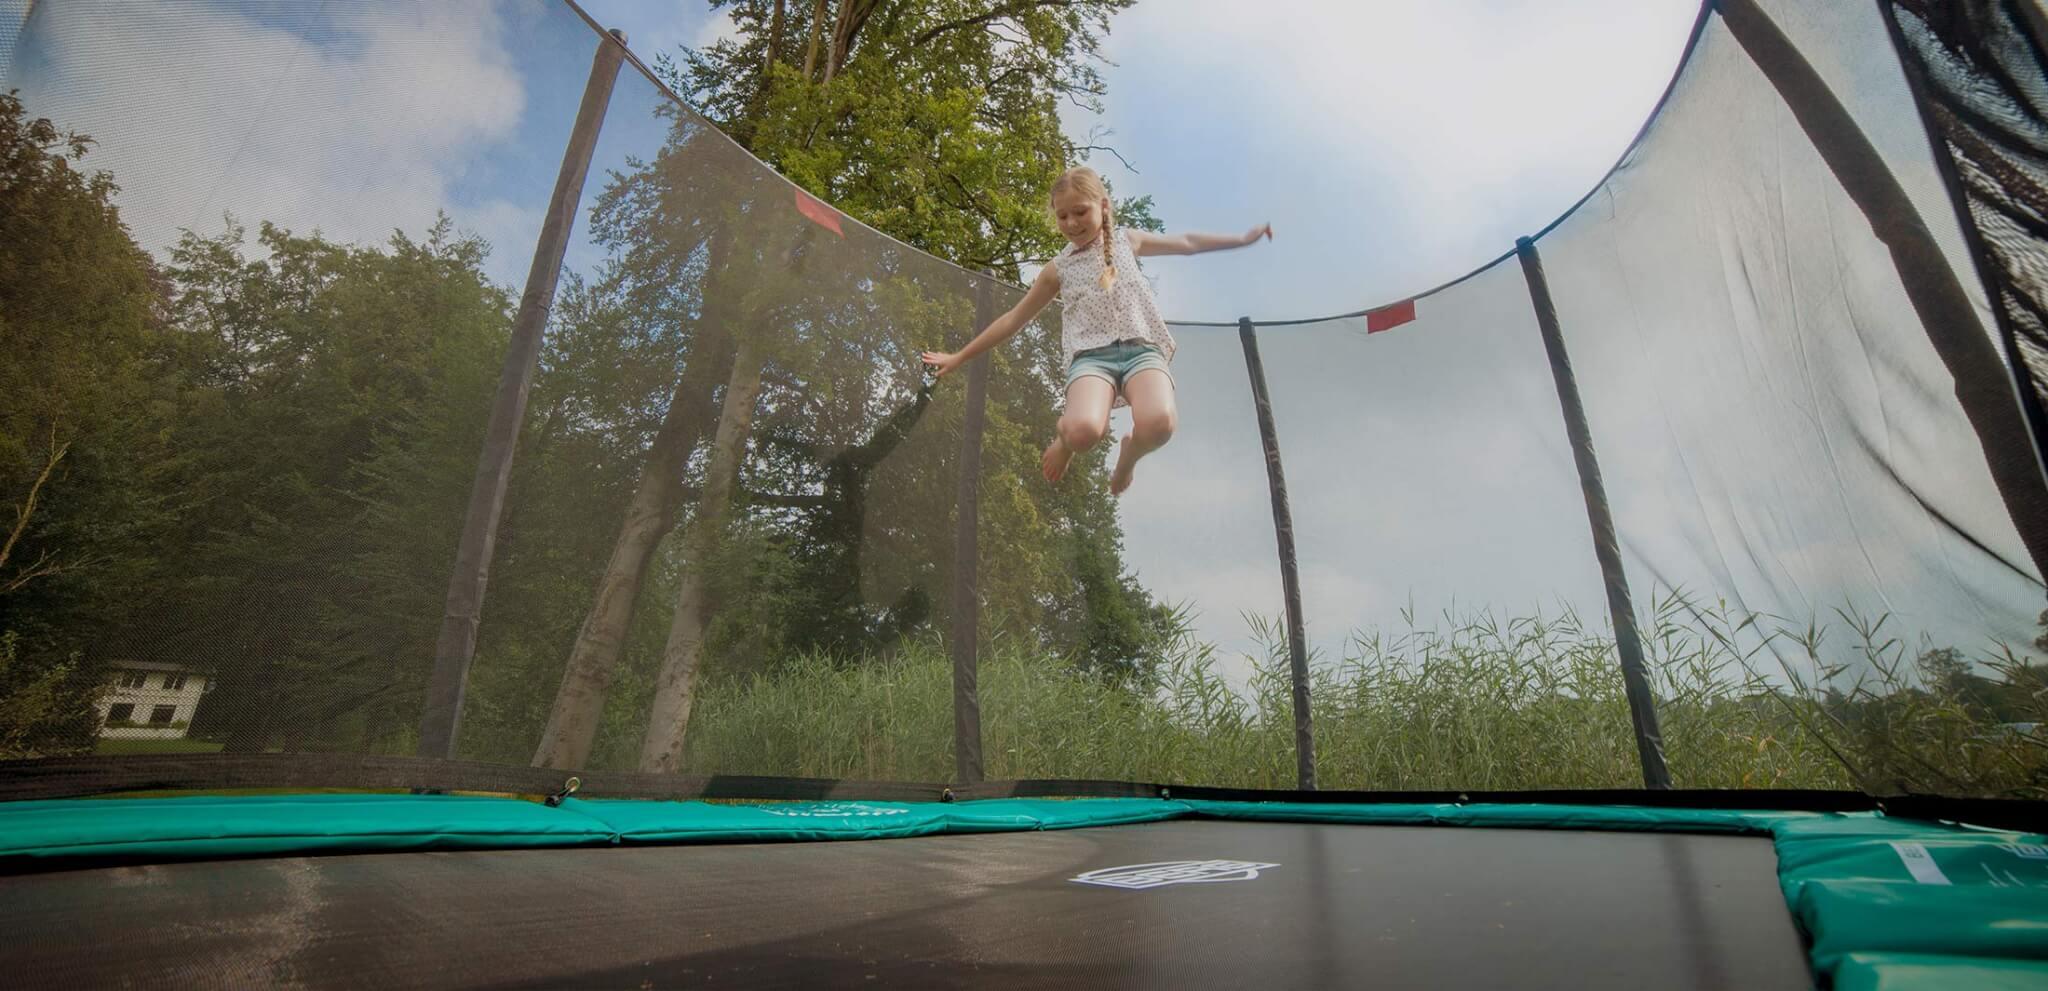 Trampolin im Garten – eine super Ferienbeschäftigung - Ratgeber trampolin-profi.de